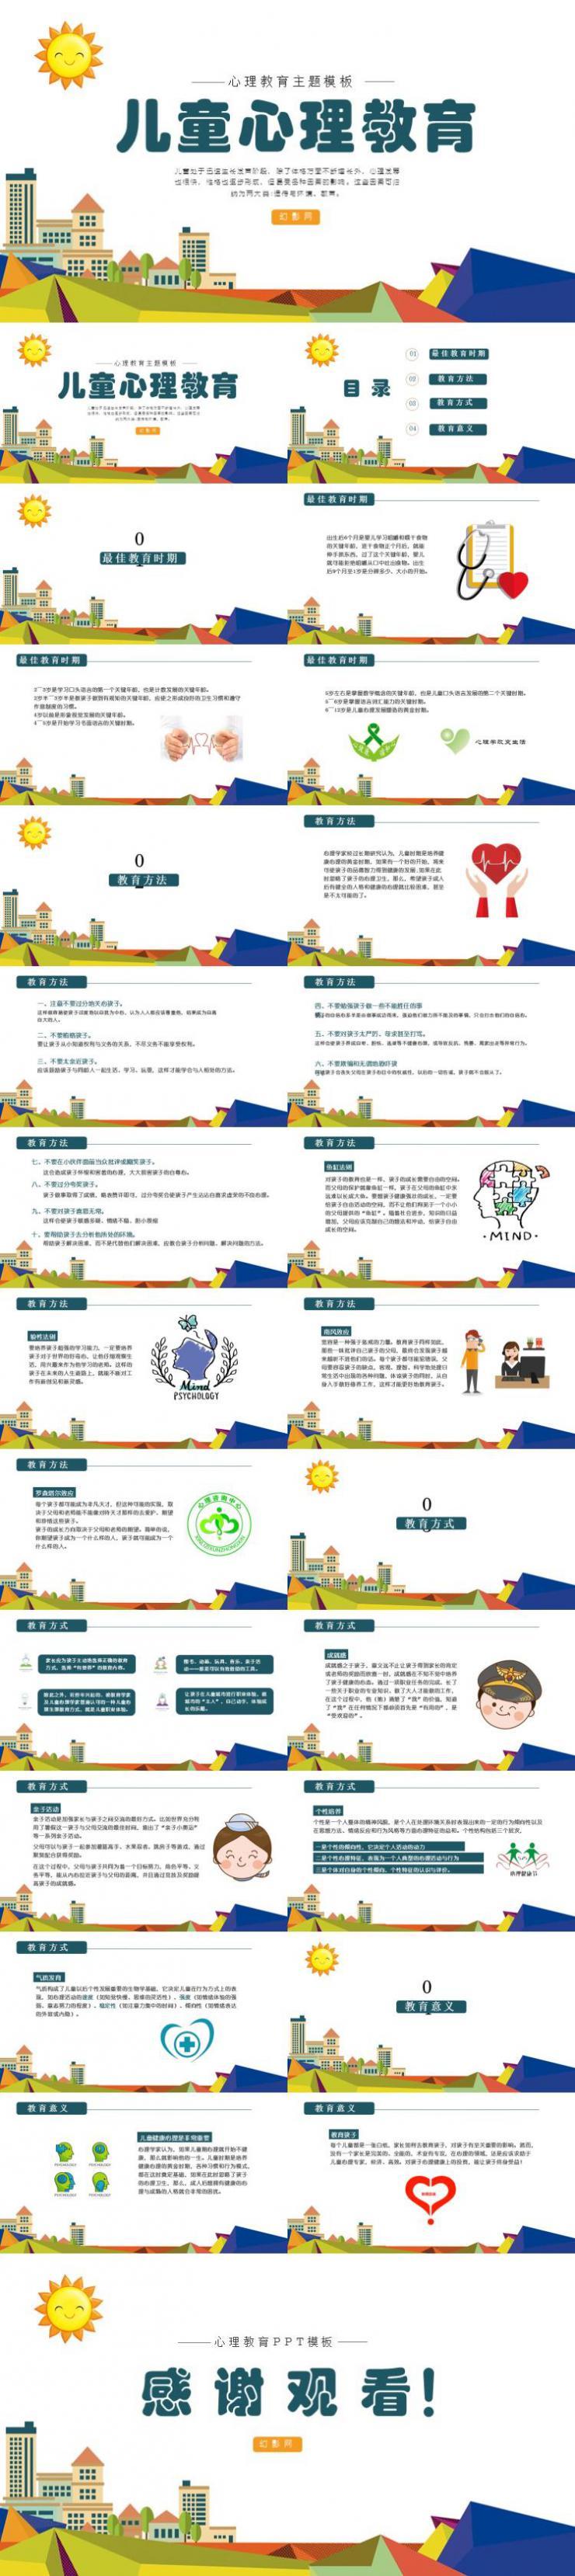 儿童心理教育PPT模板下载